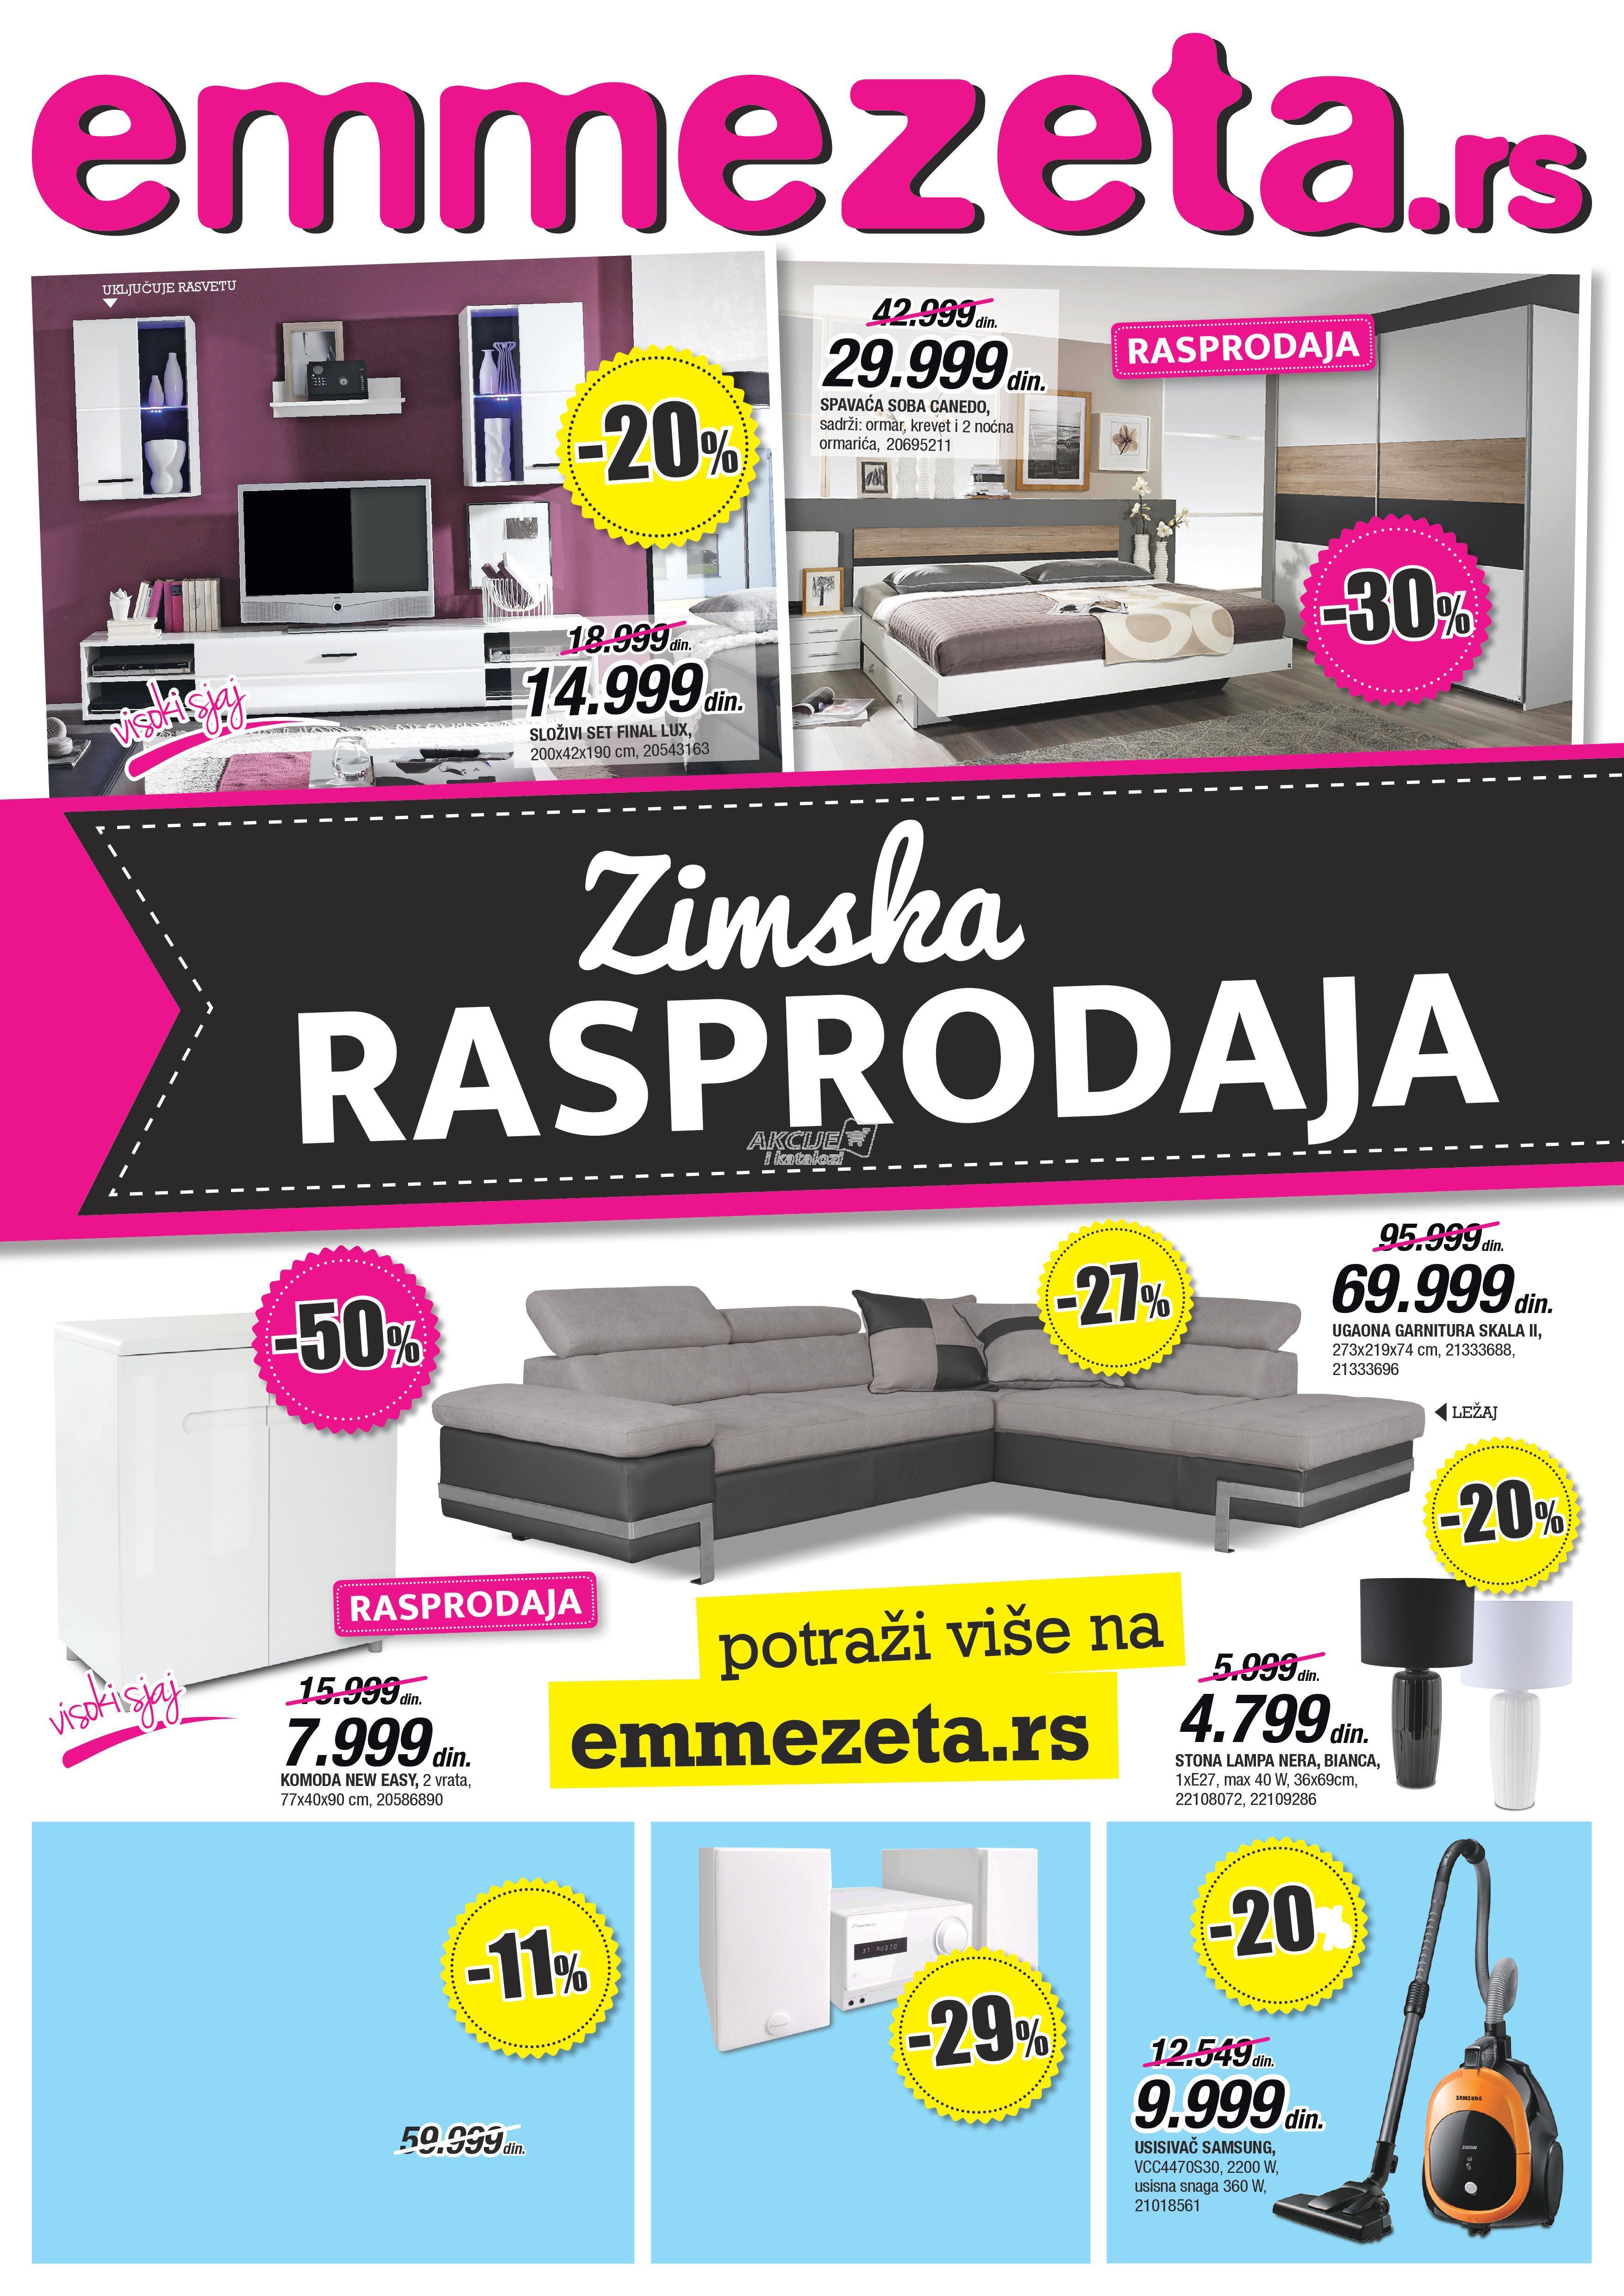 Emmezeta - redovna akcija zimske rasprodaje